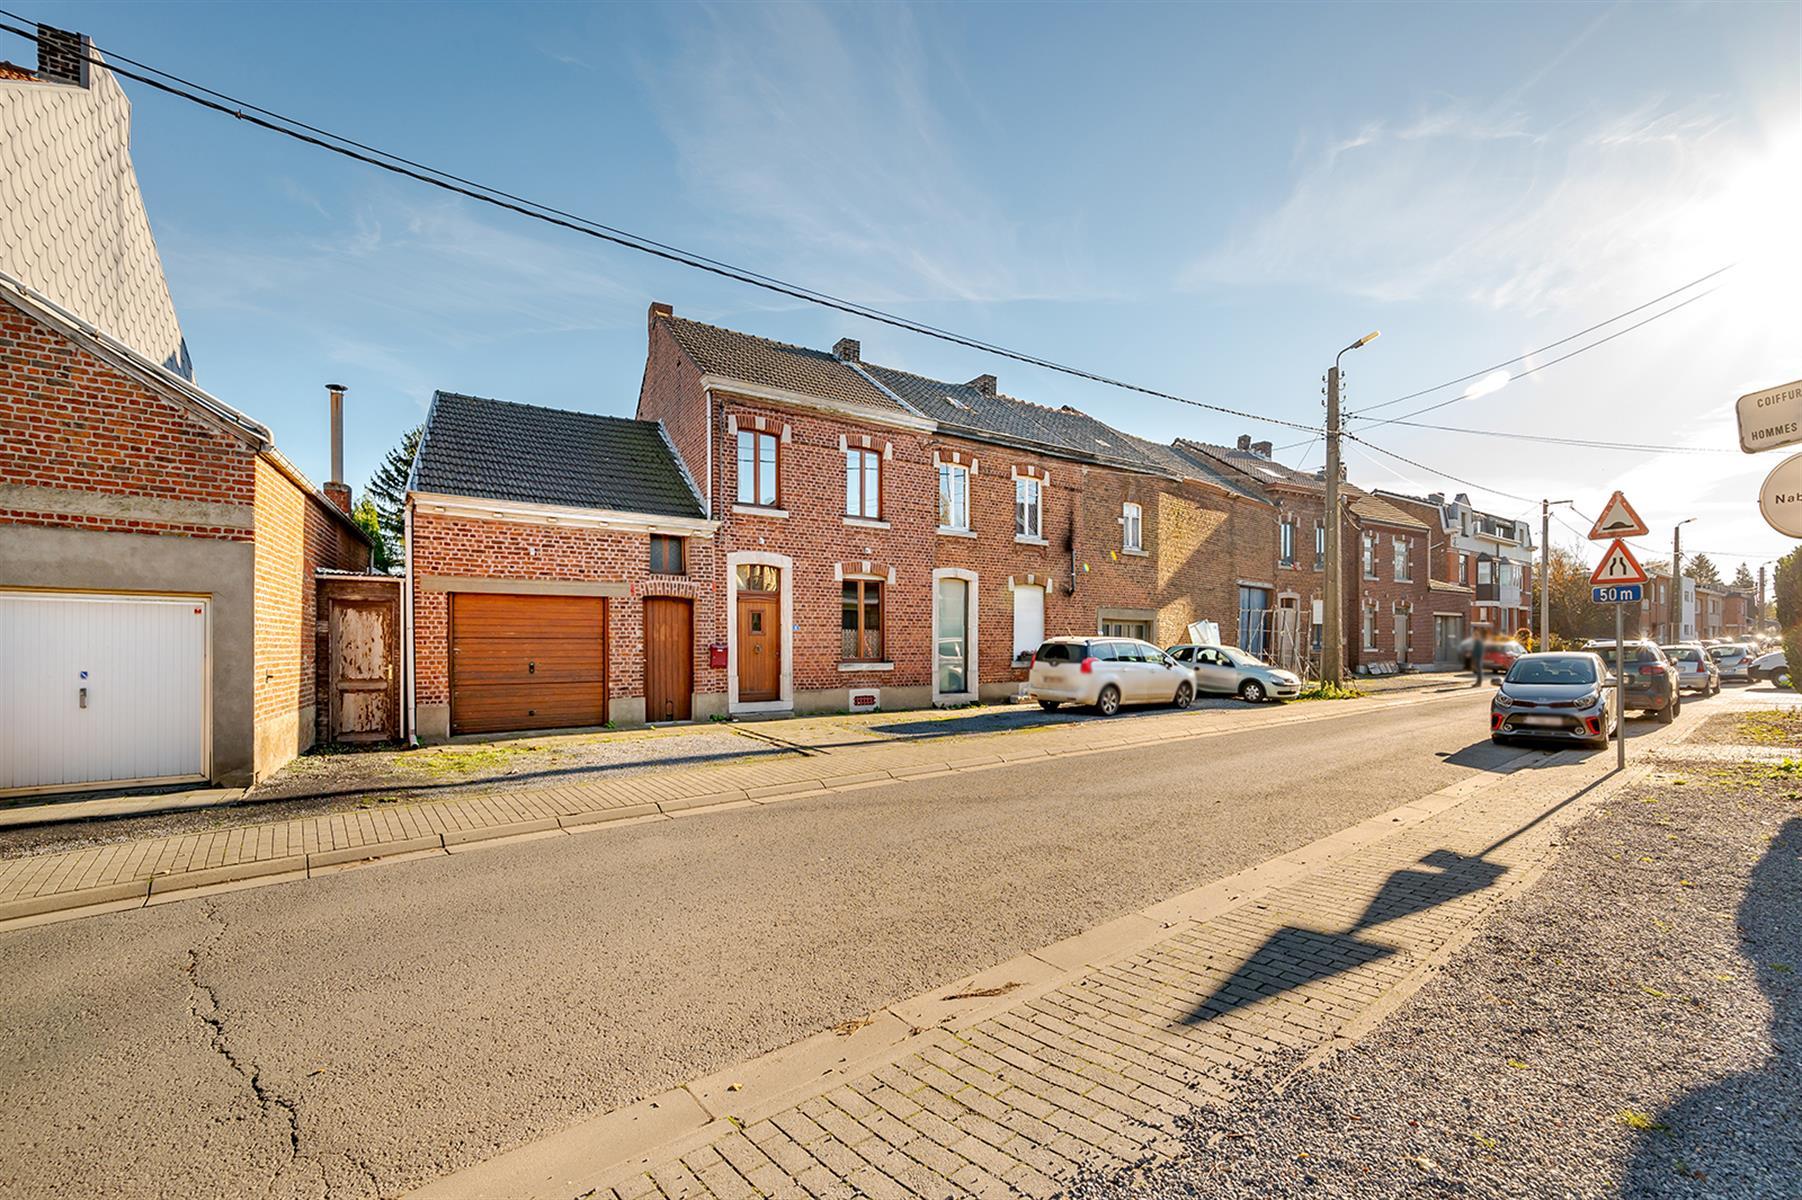 Maison - Fexhele-Haut-Clocher Voroux-Goreux - #4214944-29